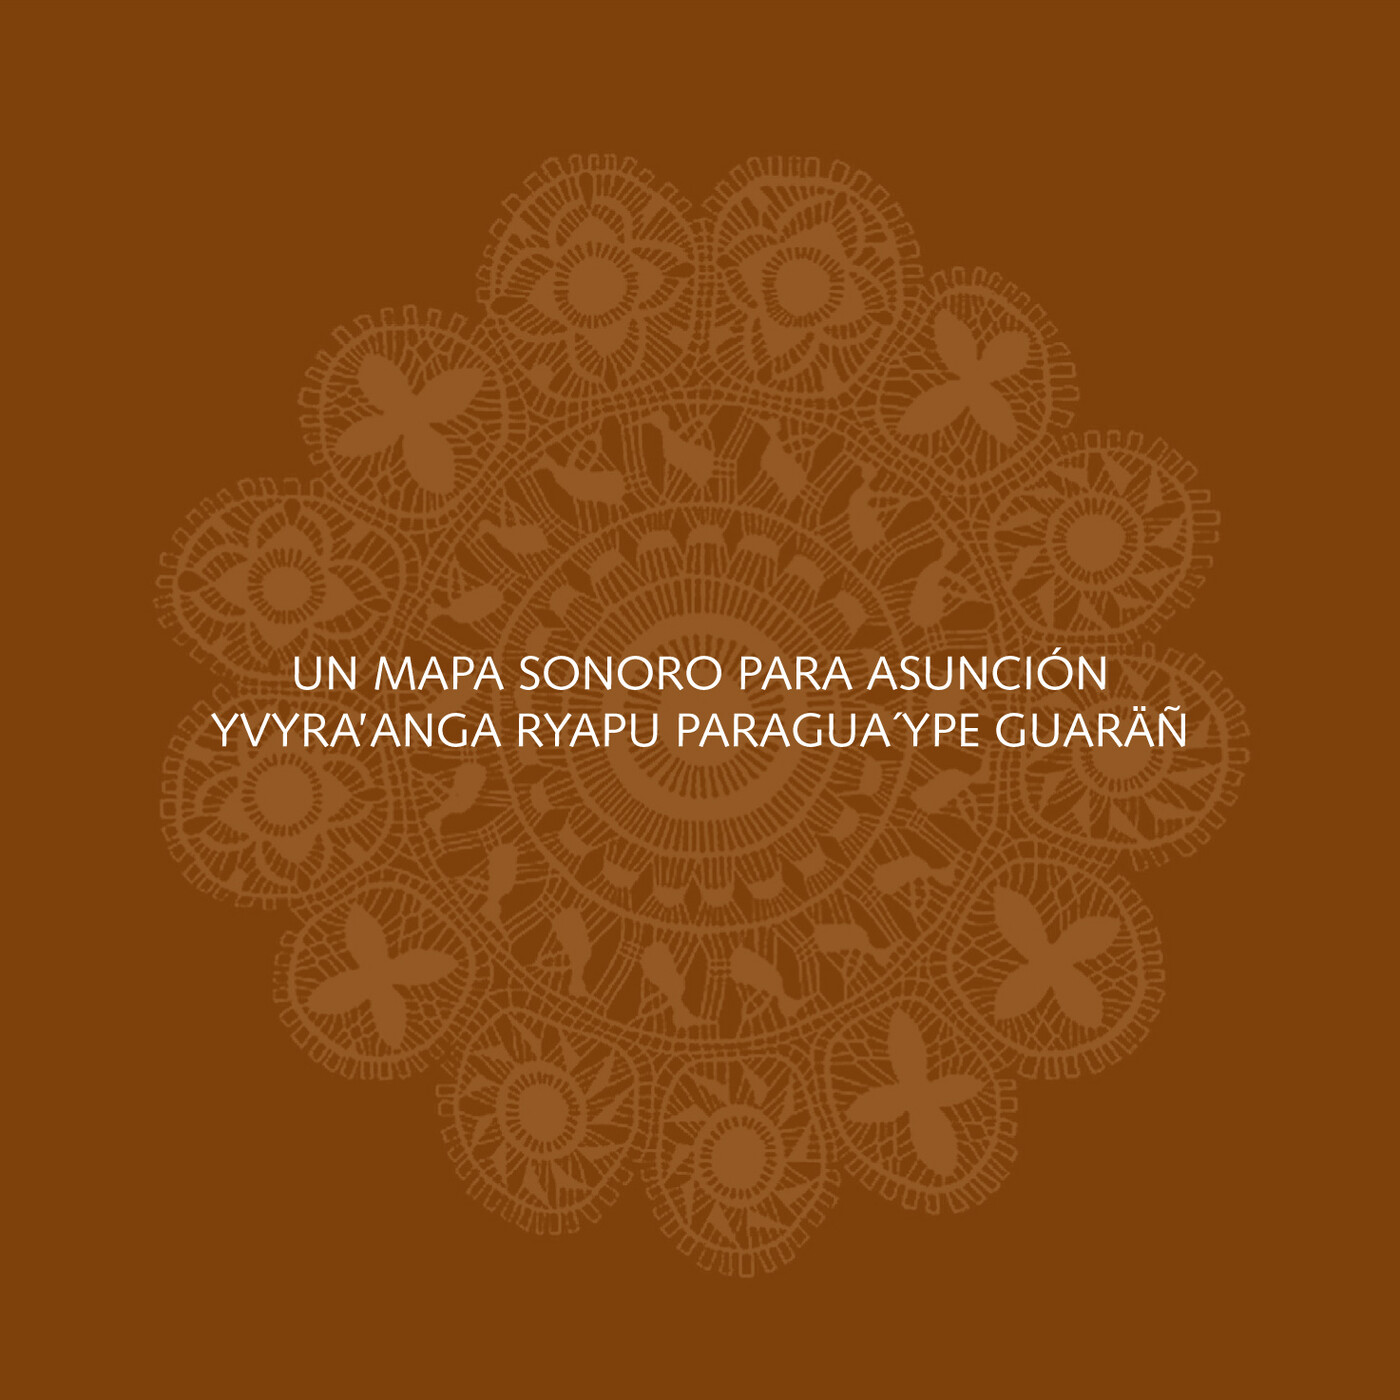 Paseos Sonoros Ep.1 - Un mapa sonoro para Asunción